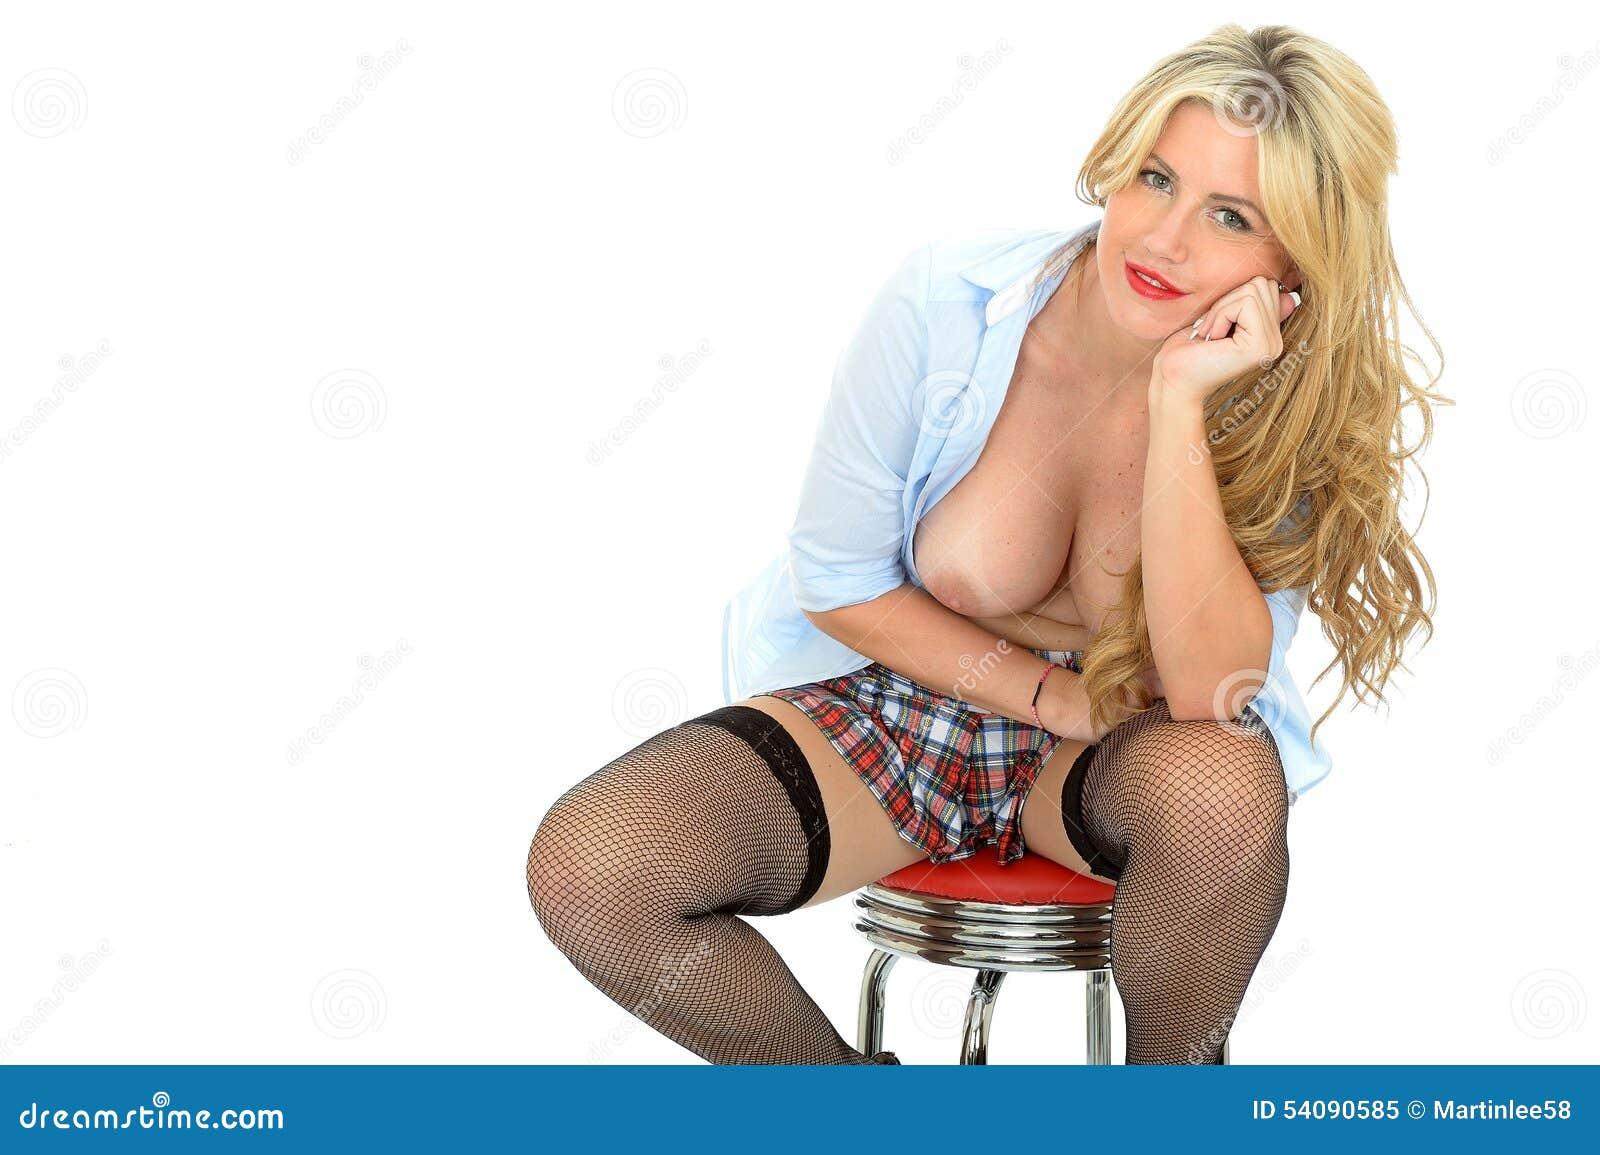 Mooi Sexy Brutaal Flirterig Jong Klassiek Blonde Pin Up Model Posing Topless